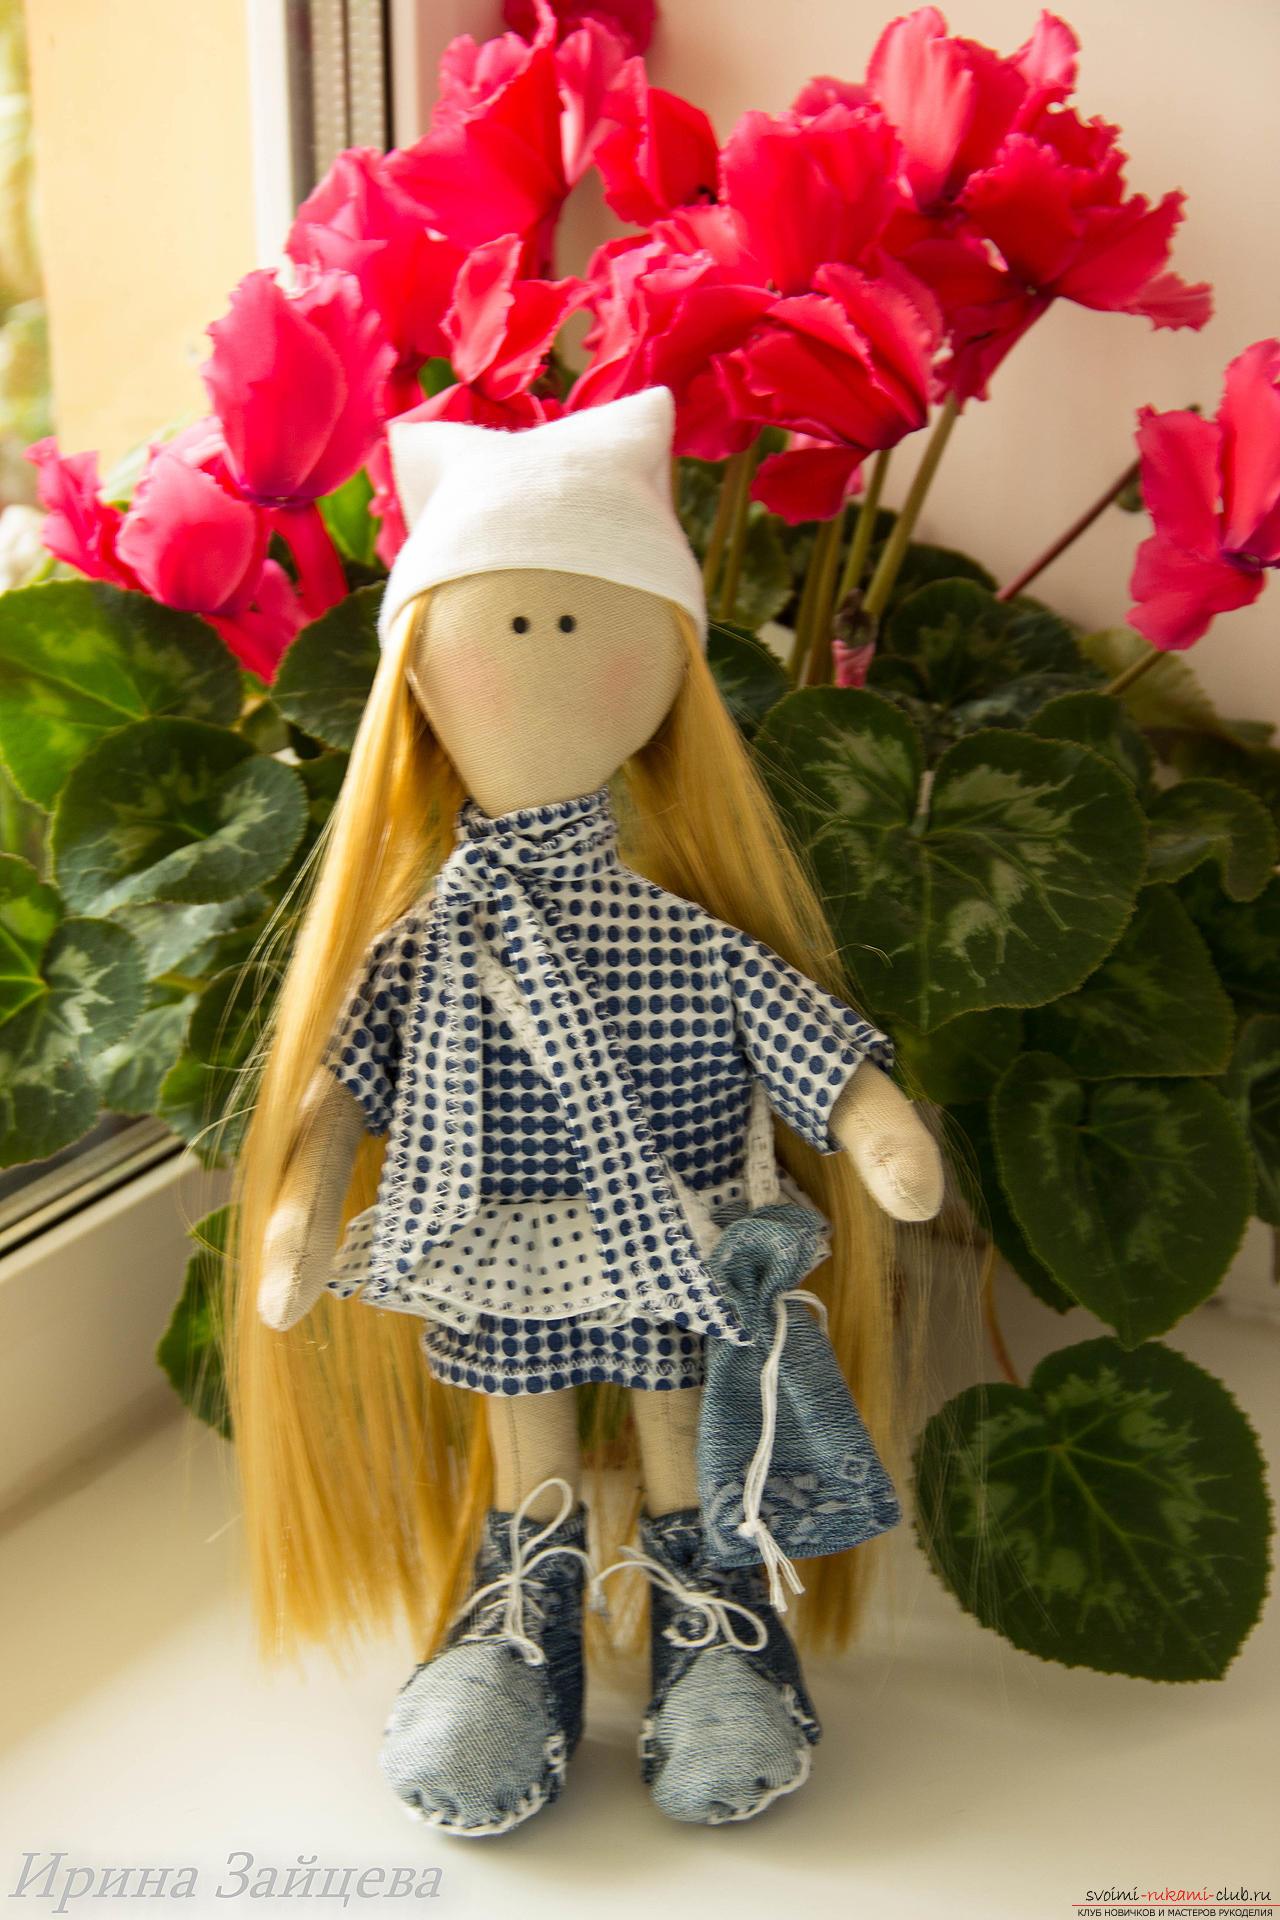 Текстильні ляльки в стилі Тільди. фото №1